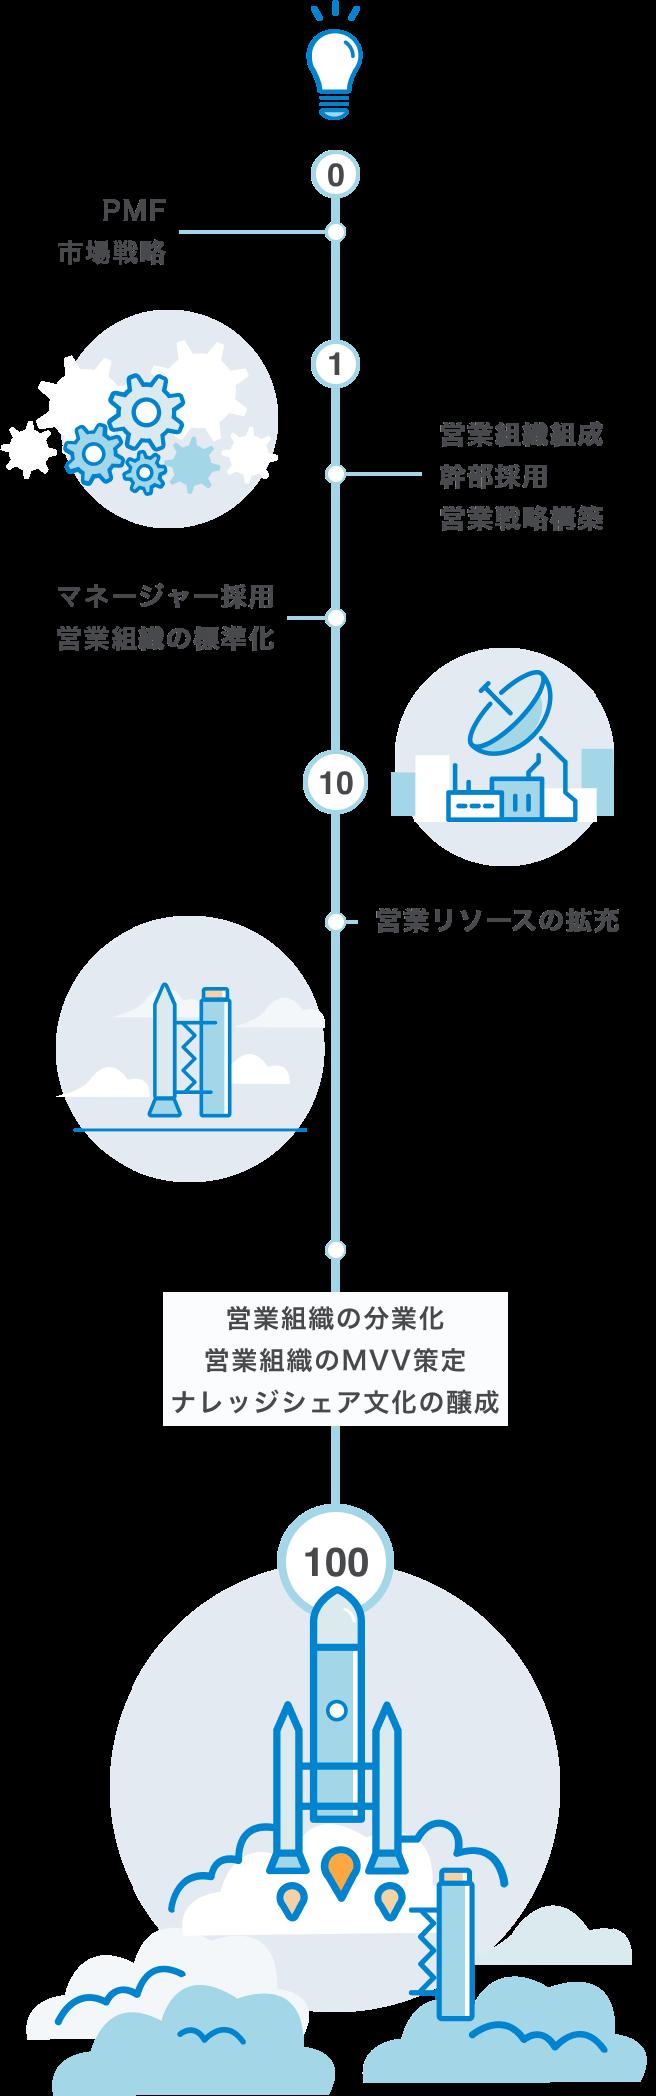 service_sp